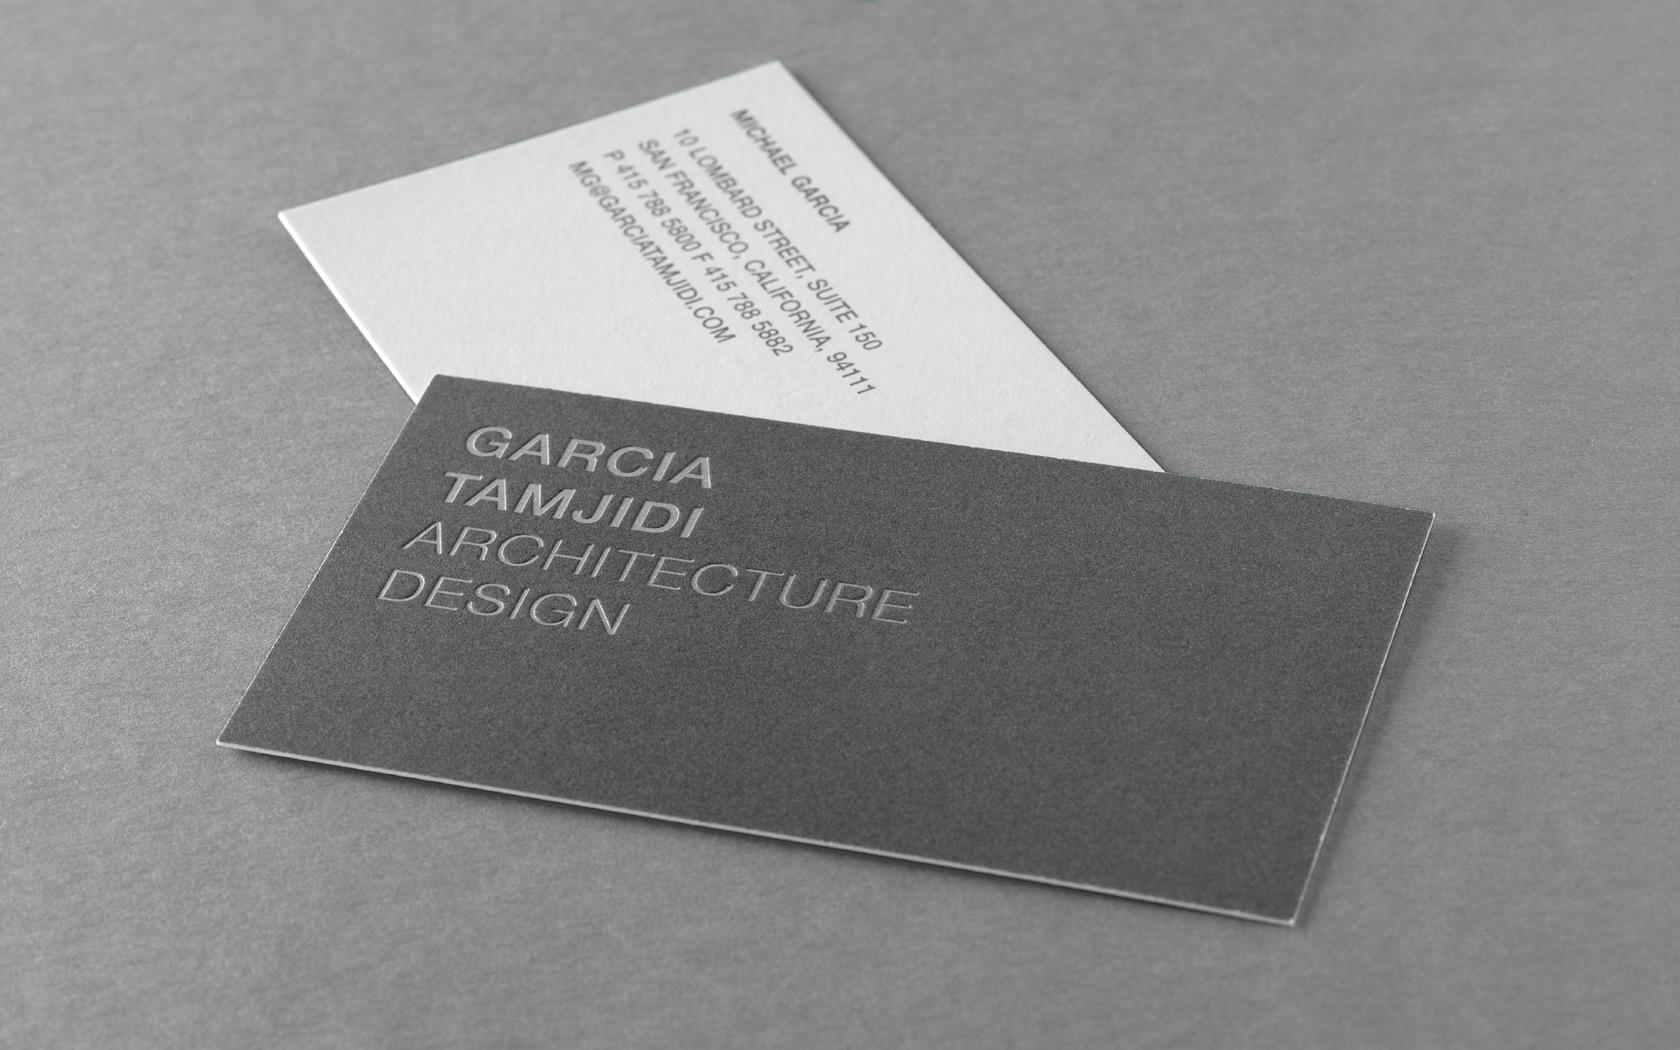 Garcia Tamjidi — Public